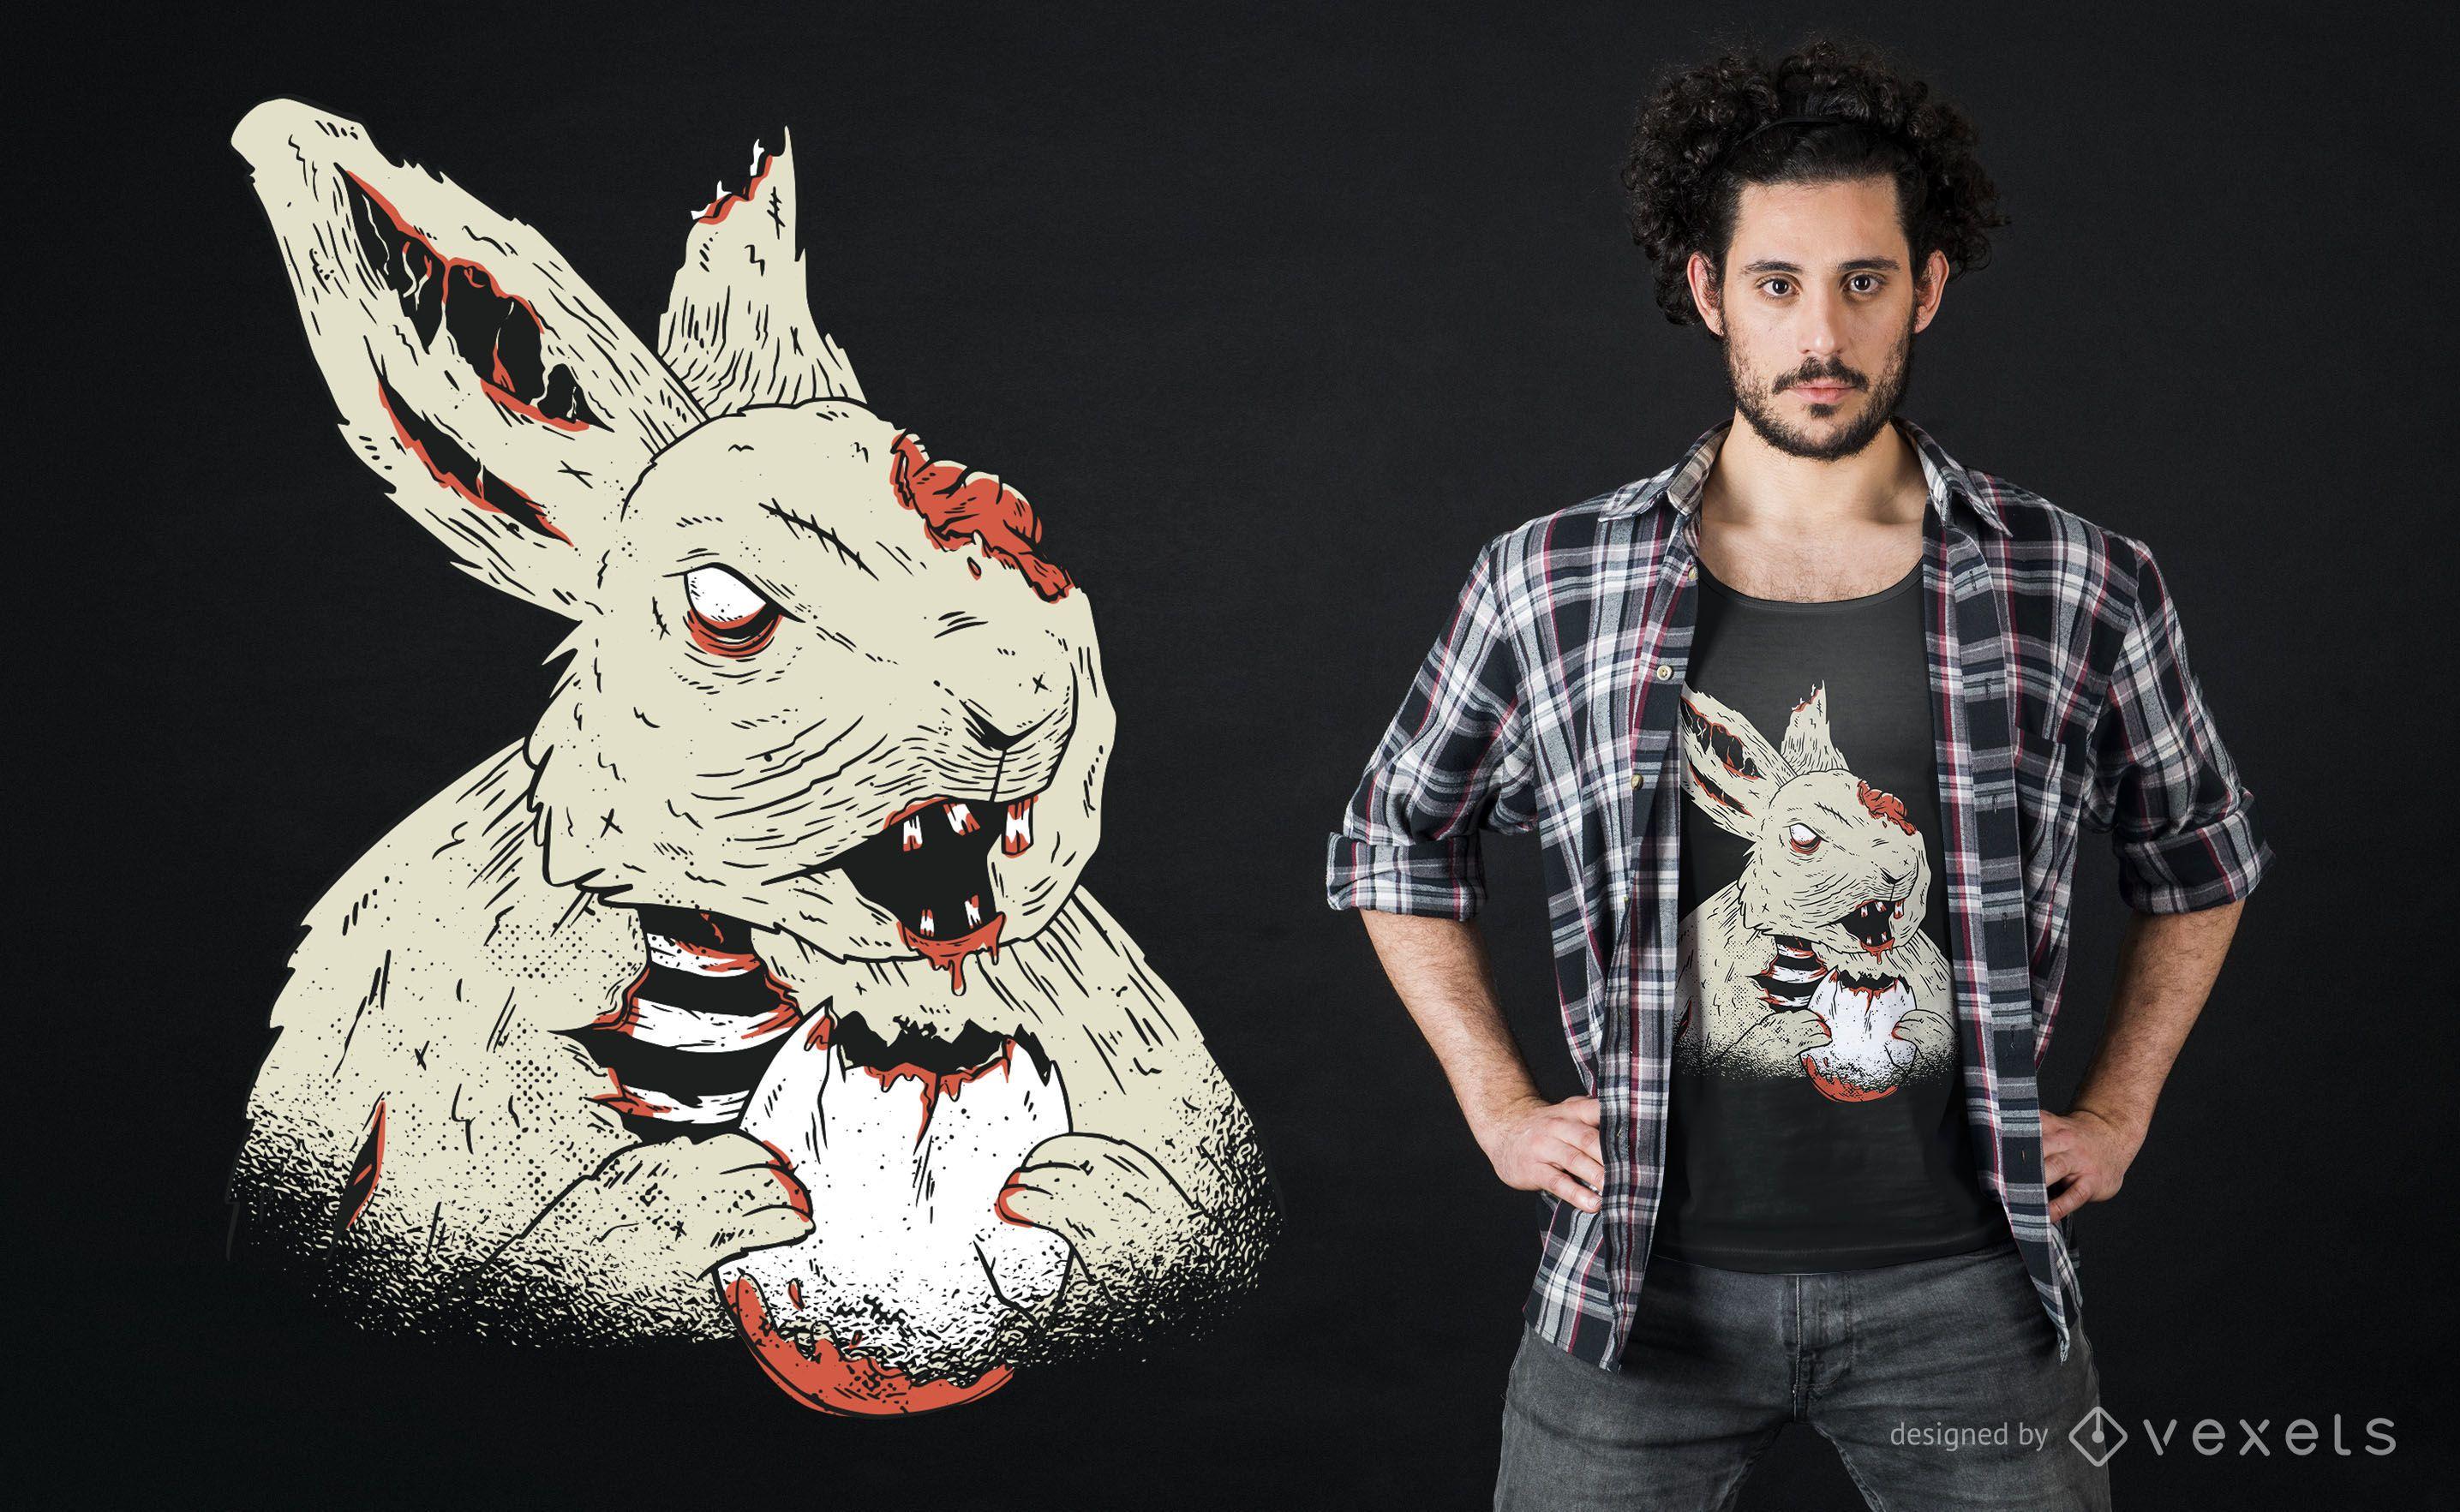 Dise?o de camiseta de conejito de terror.